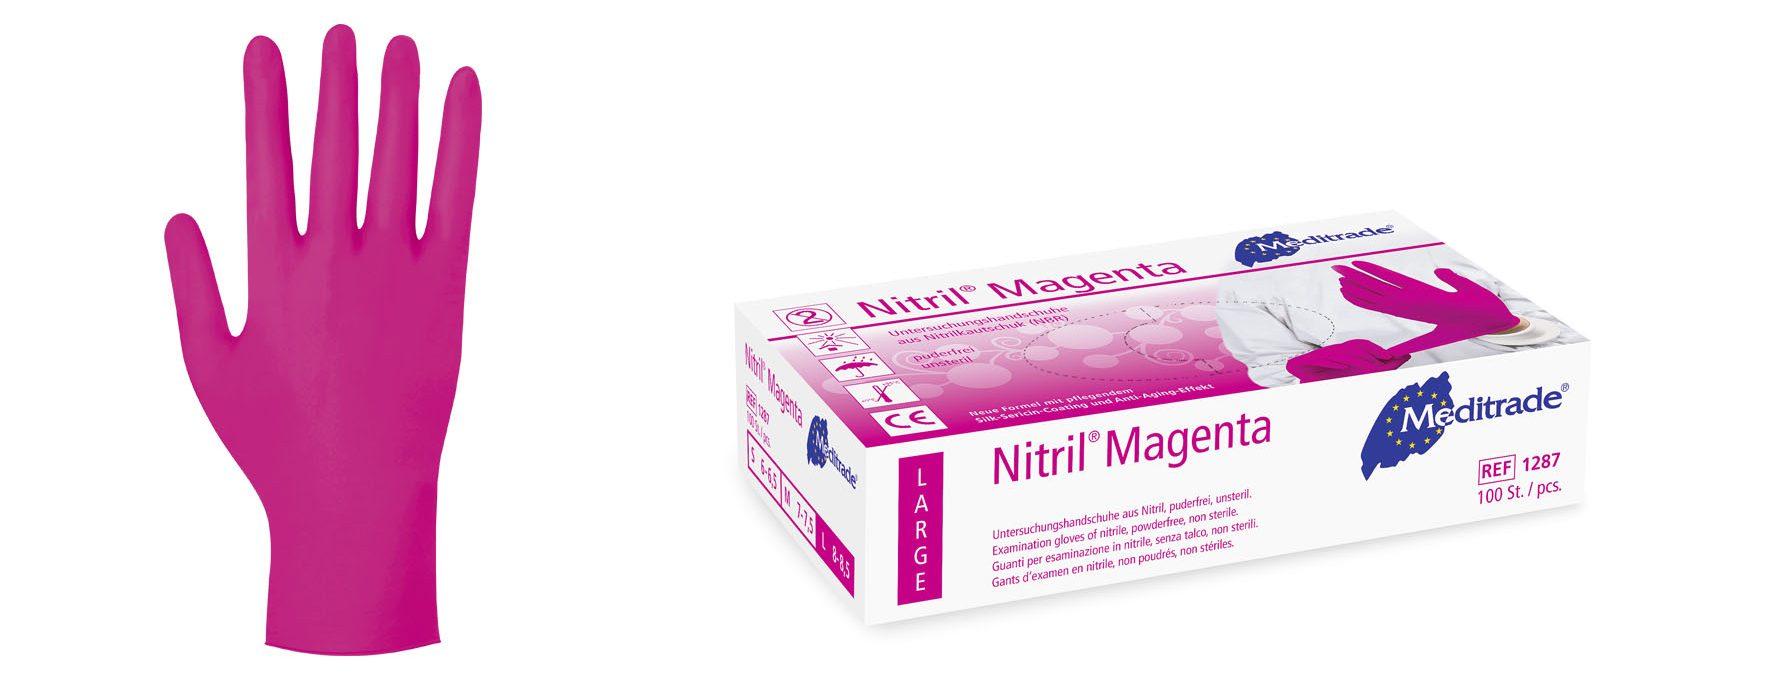 Nitril® Magenta Untersuchungshandschuh